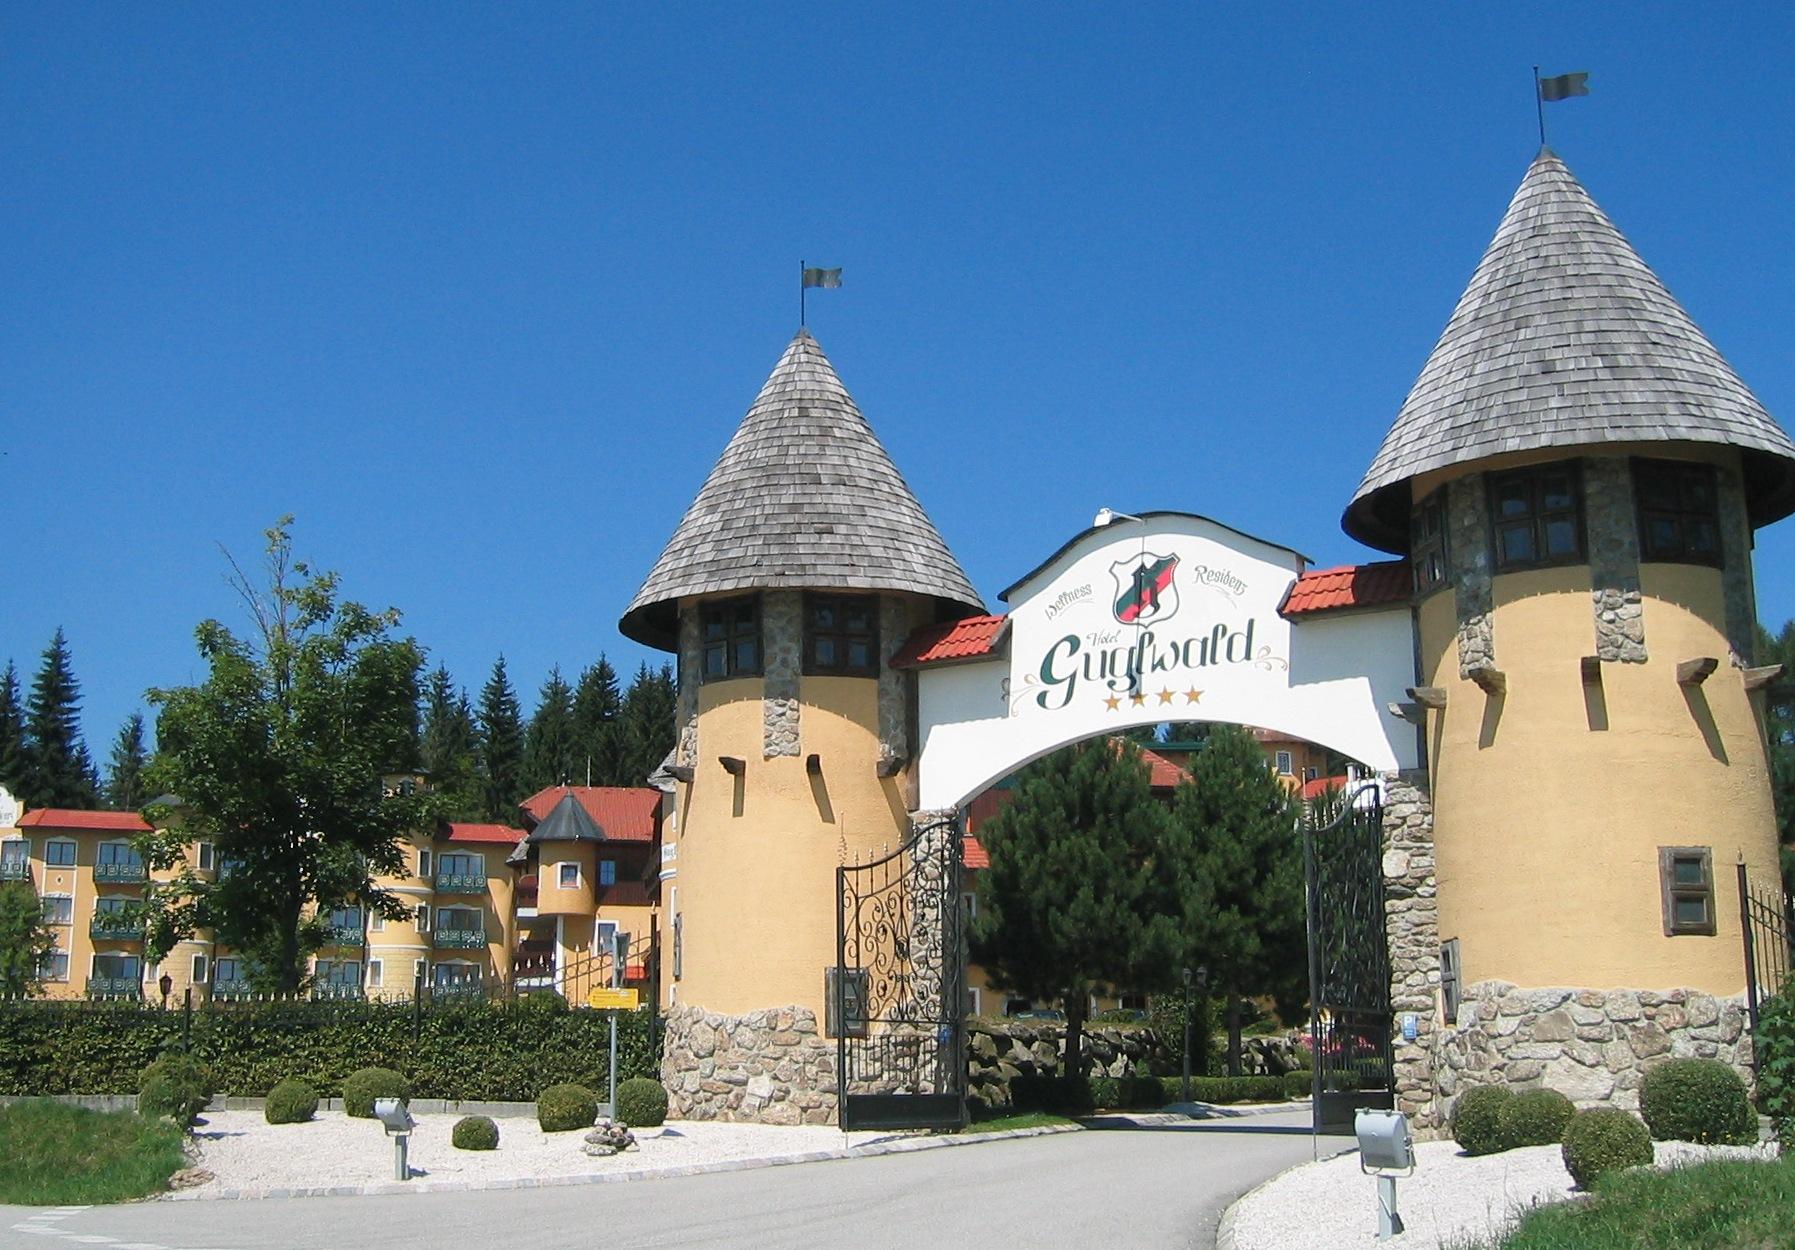 guglwald_hotel